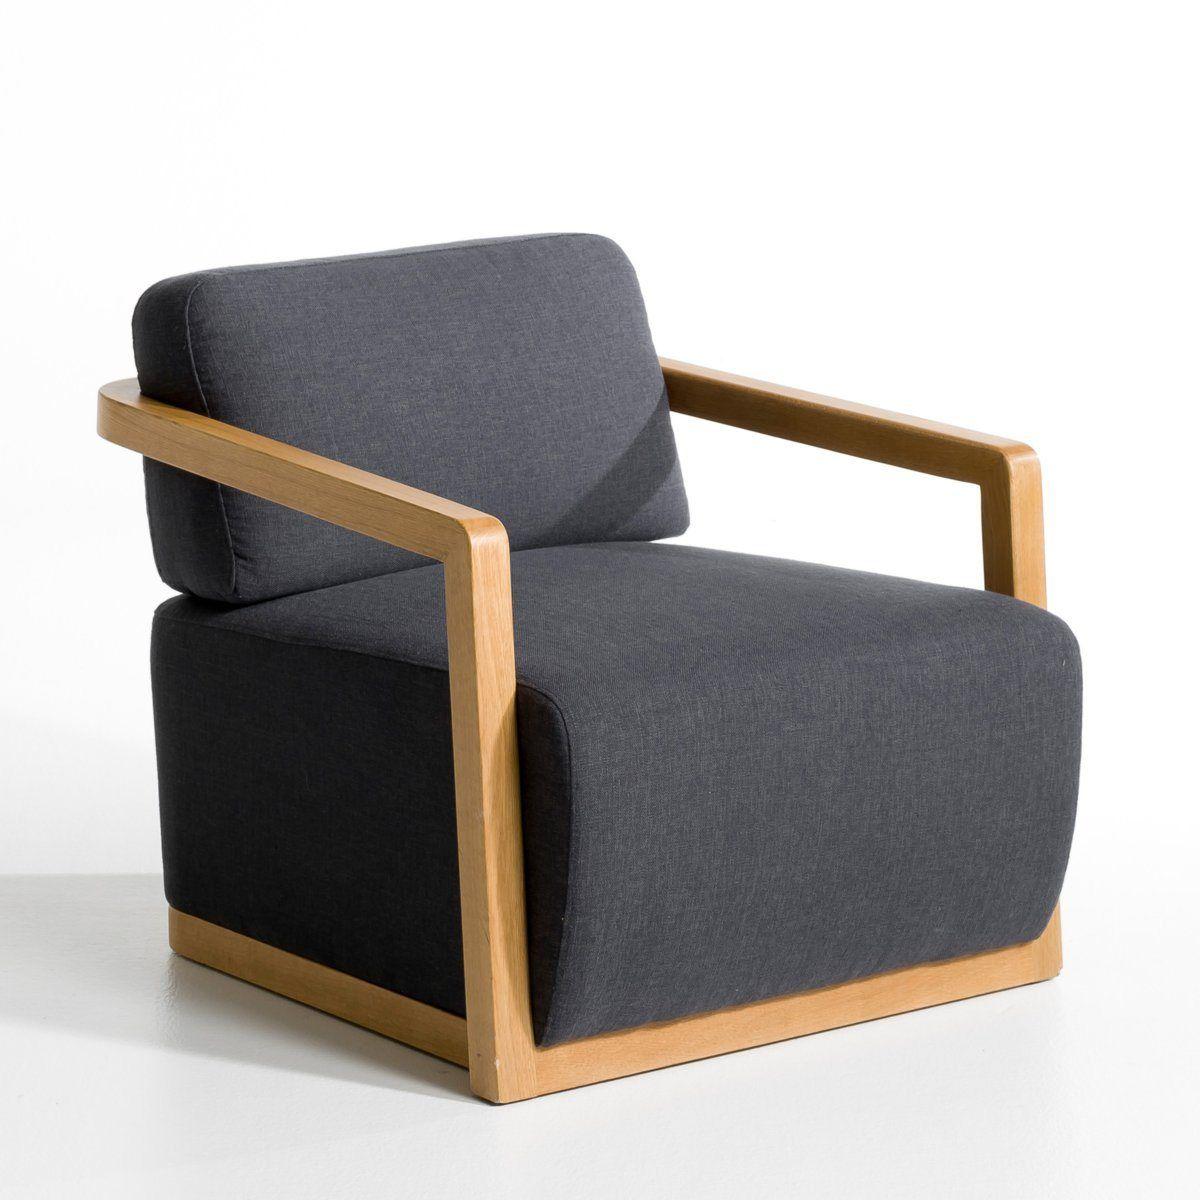 ampm - magnifique nouvelle collection ensemble de meuble design